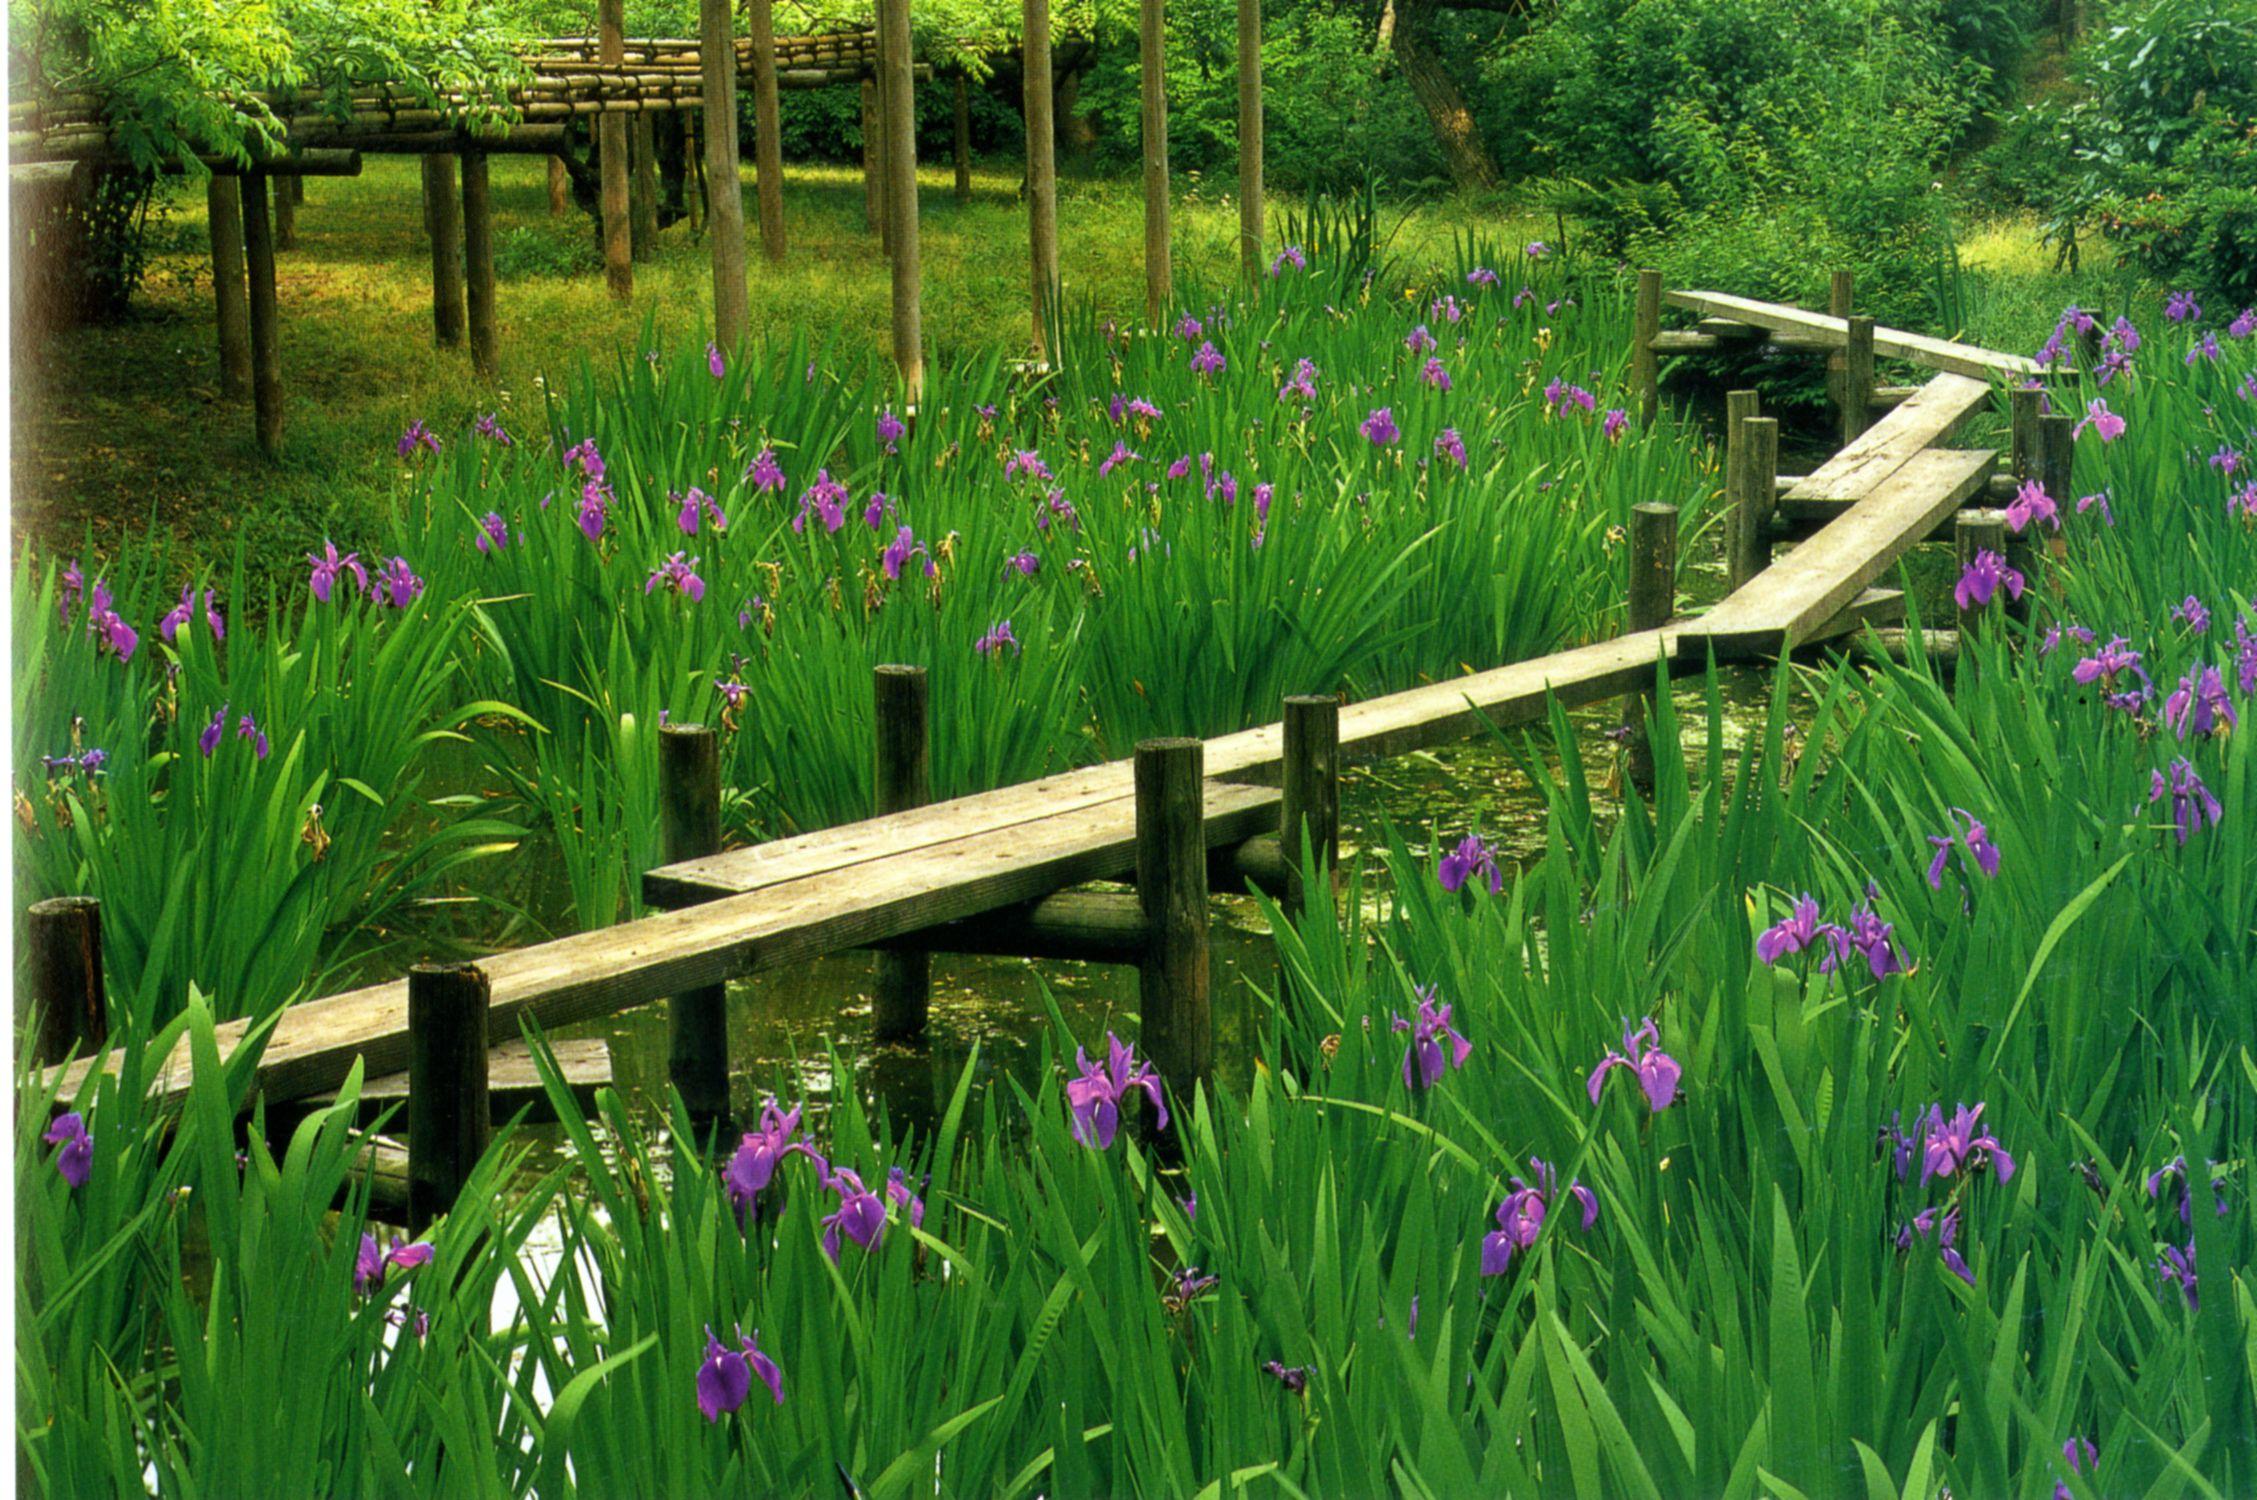 Conception D Un Jardin Japonais Un Plan D Taill Conception # Bordure De Jardin Green Park